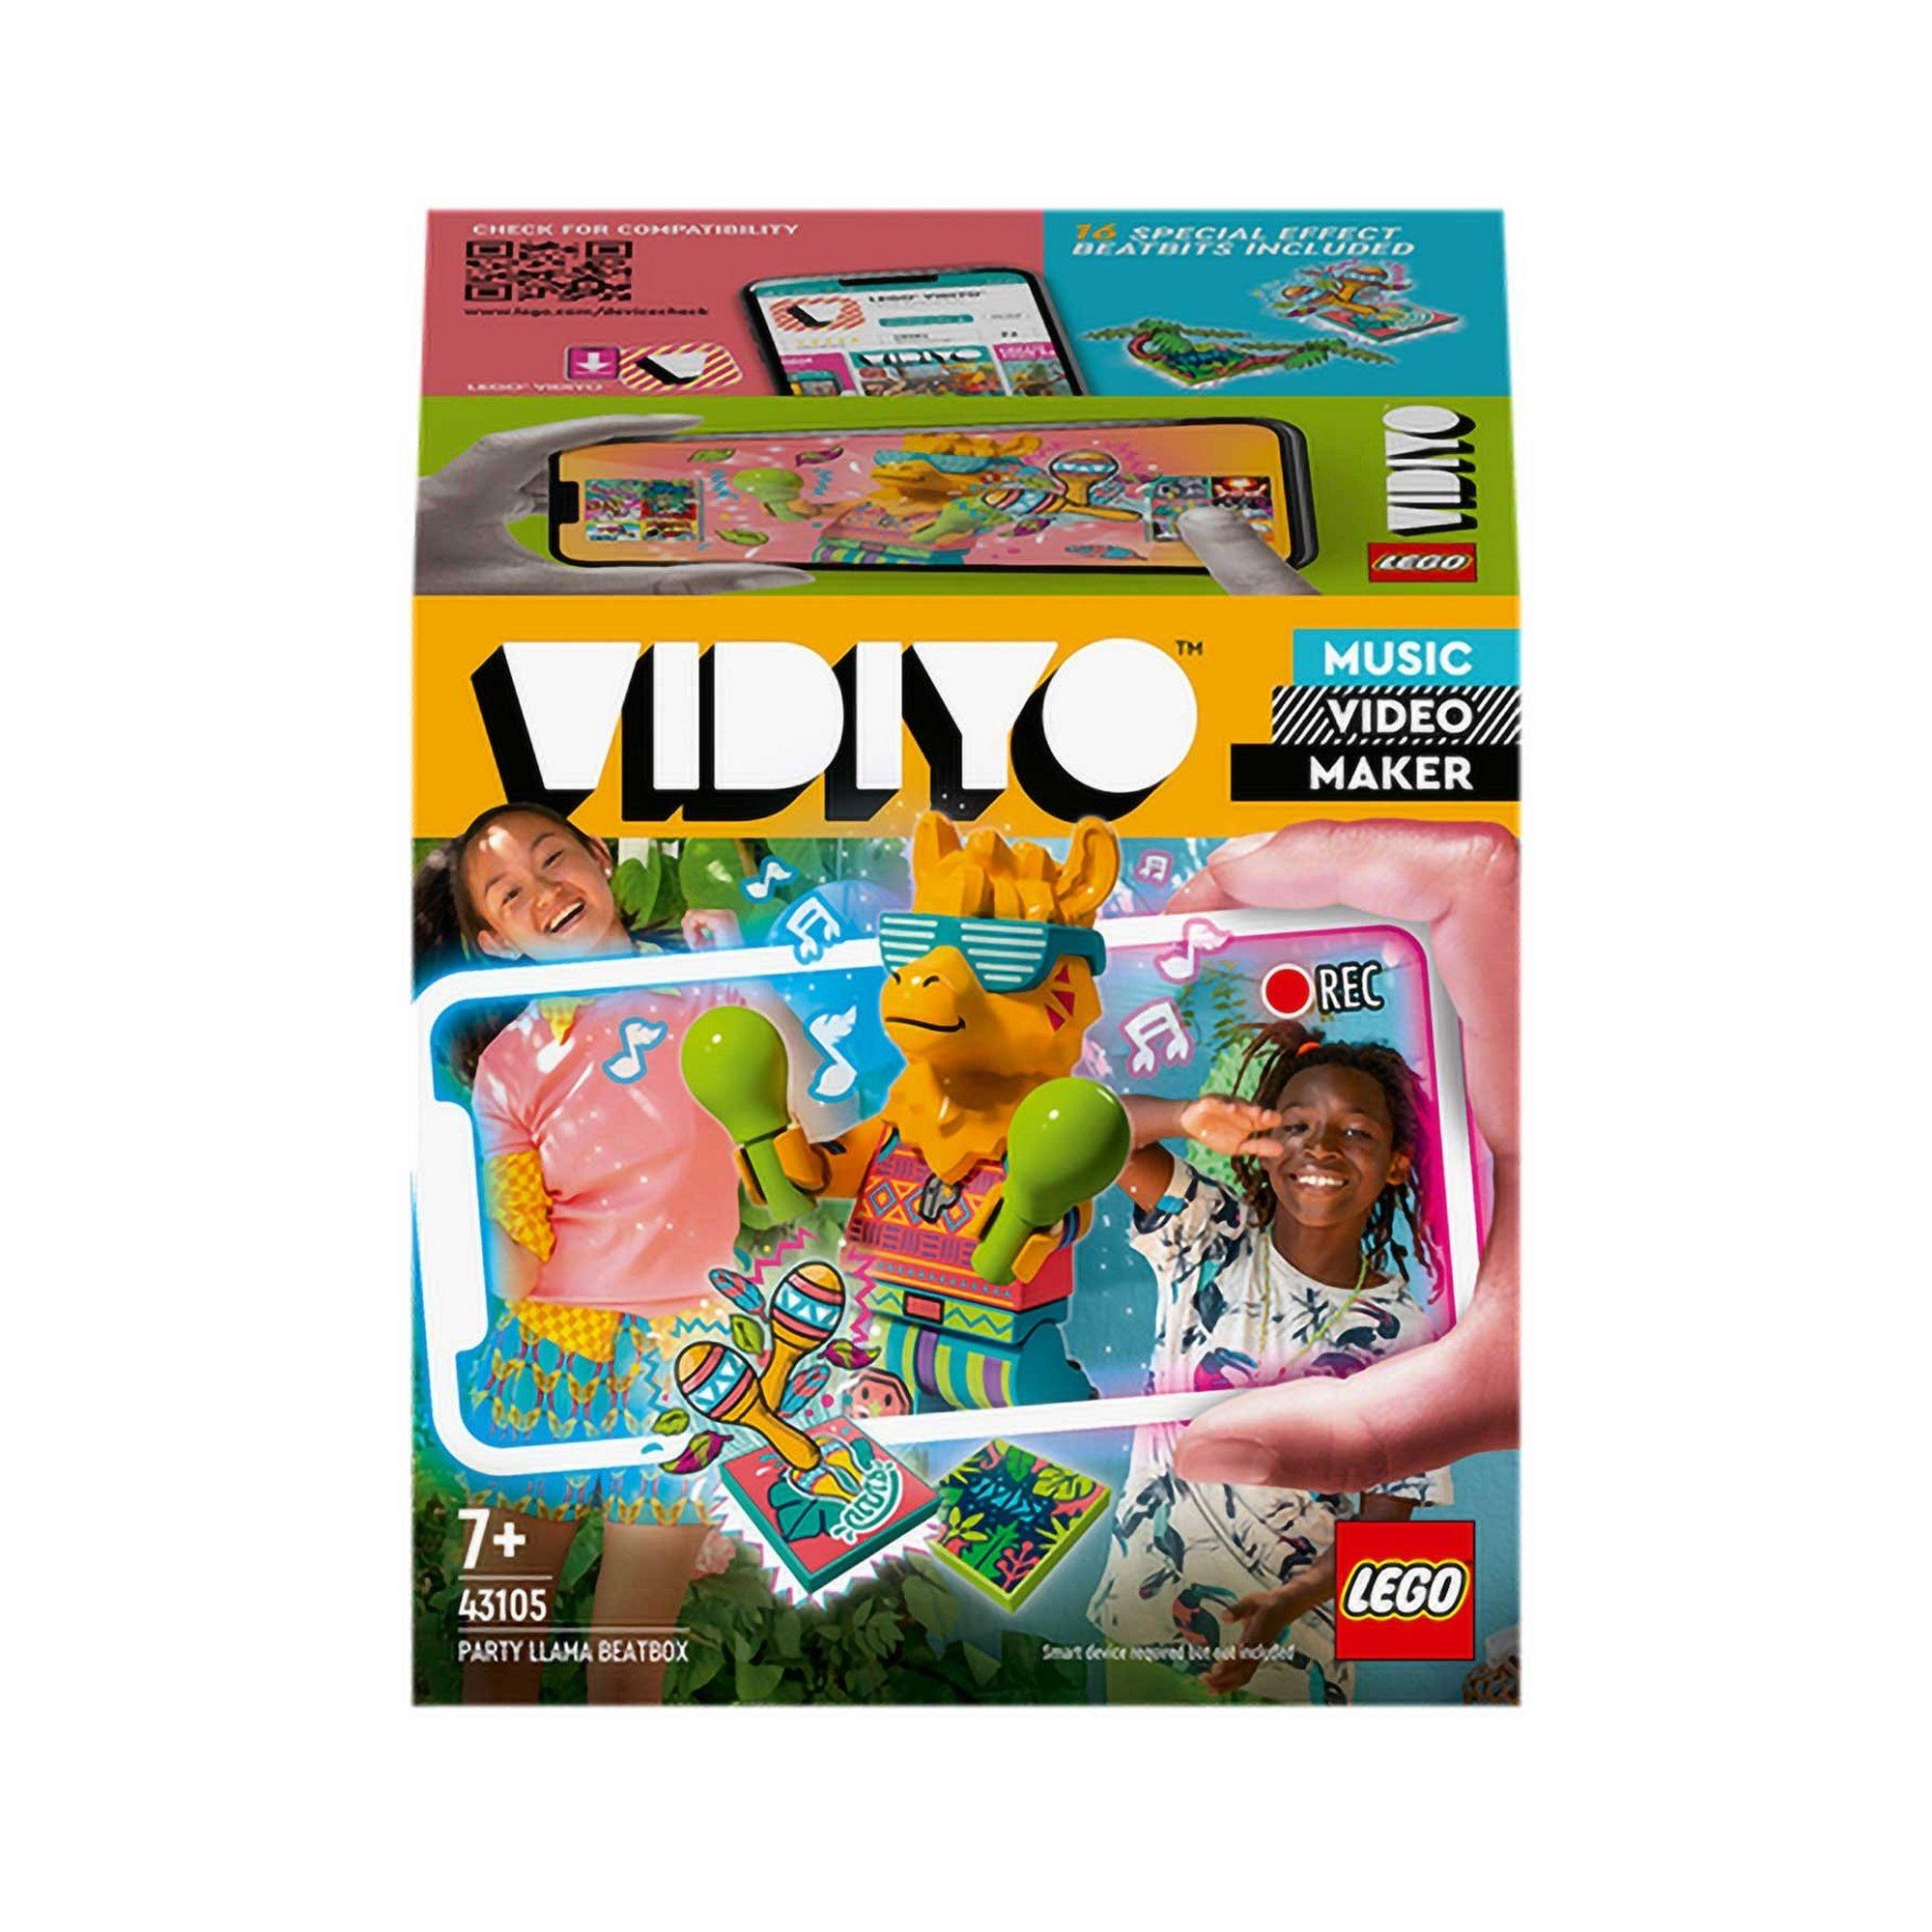 Image of LEGO VIDIYO Party Llama BeatBox Music Set